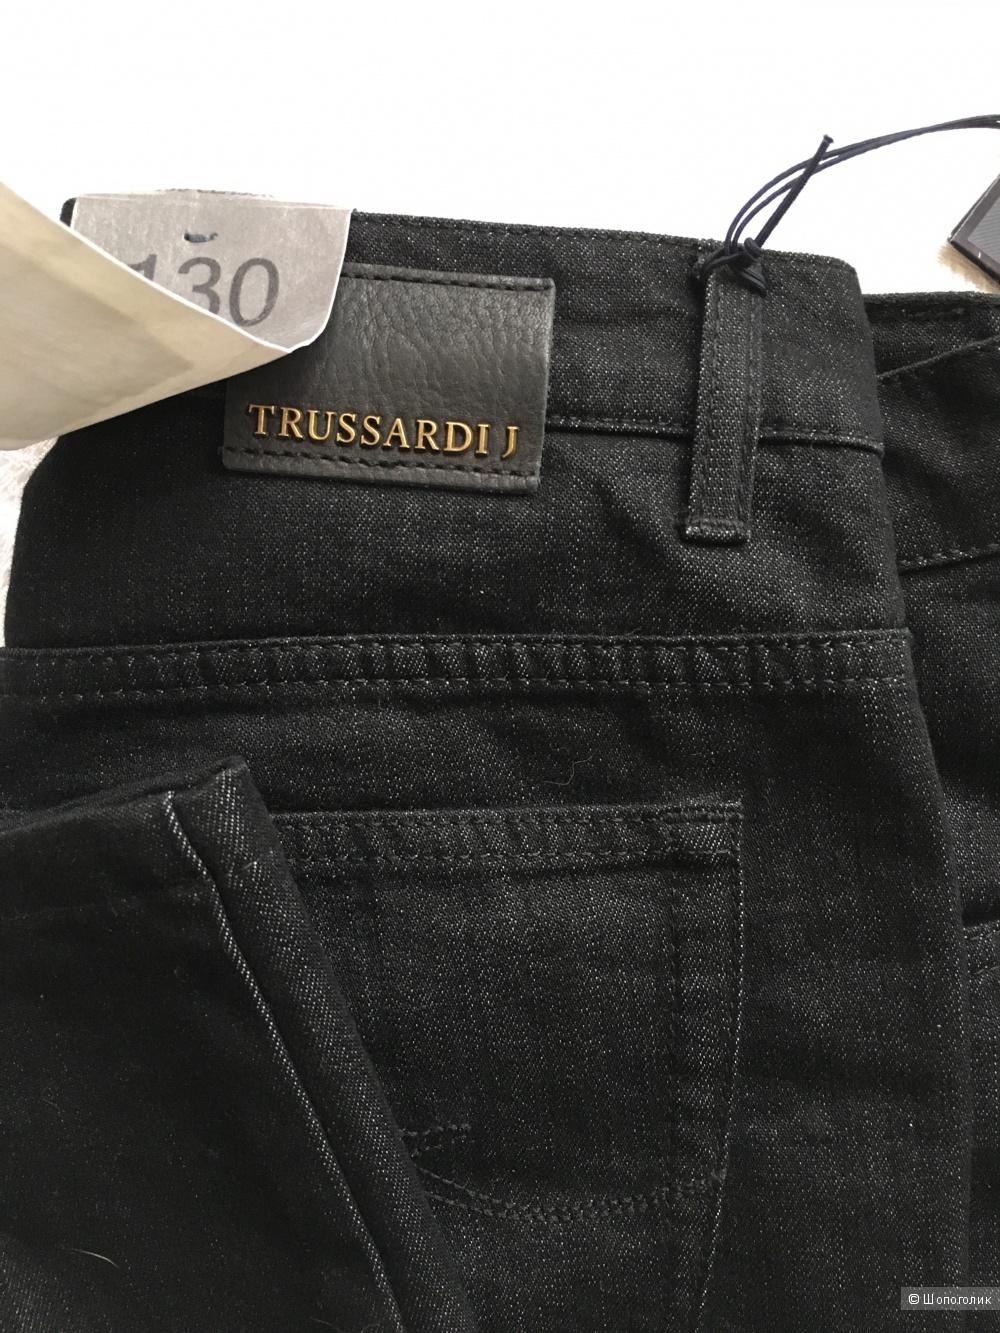 Джинсы Trussardi новые 26 размер